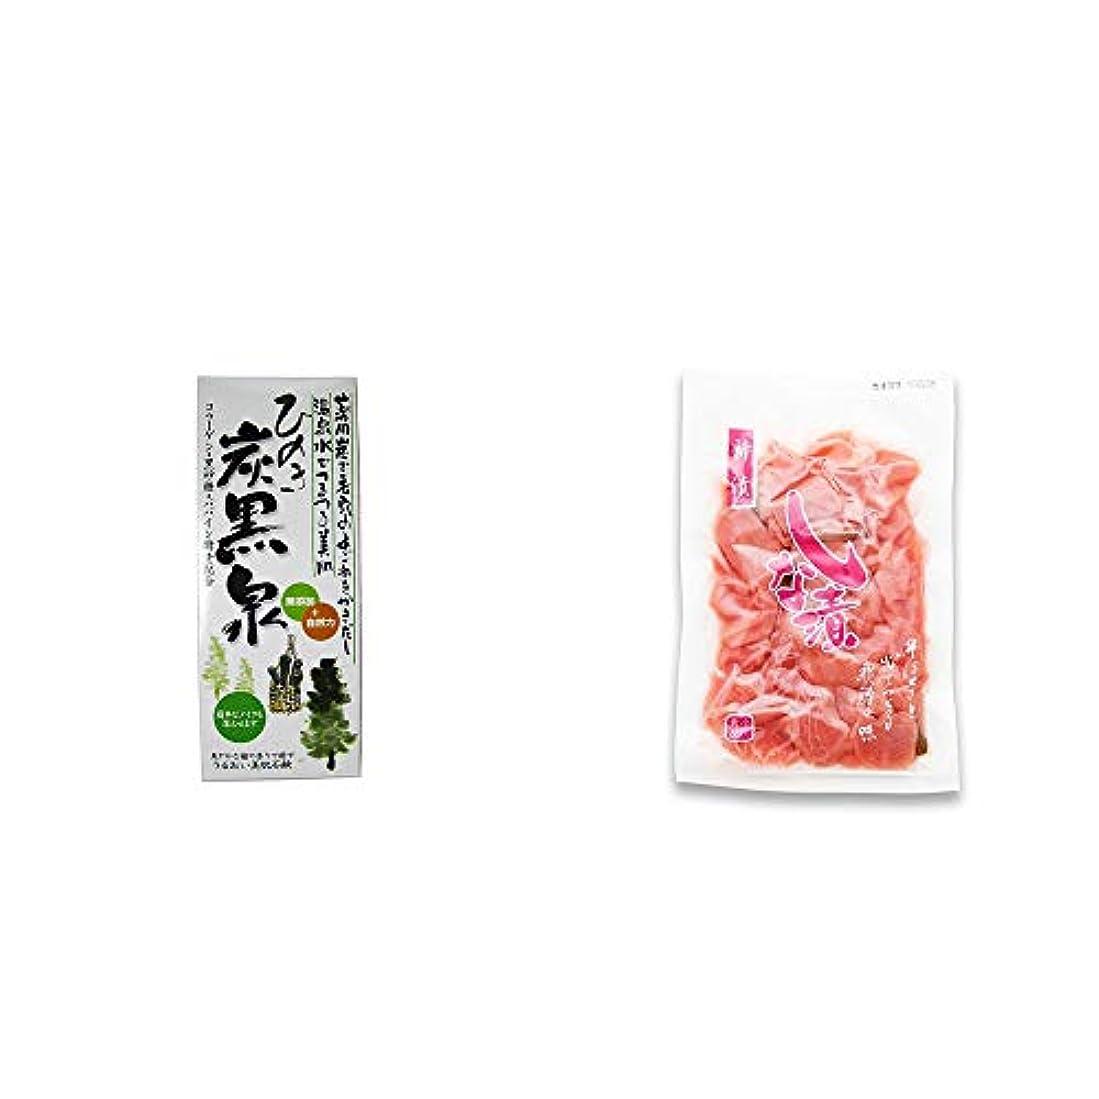 漏斗柔らかさワゴン[2点セット] ひのき炭黒泉 箱入り(75g×3)?しな漬け(160g)